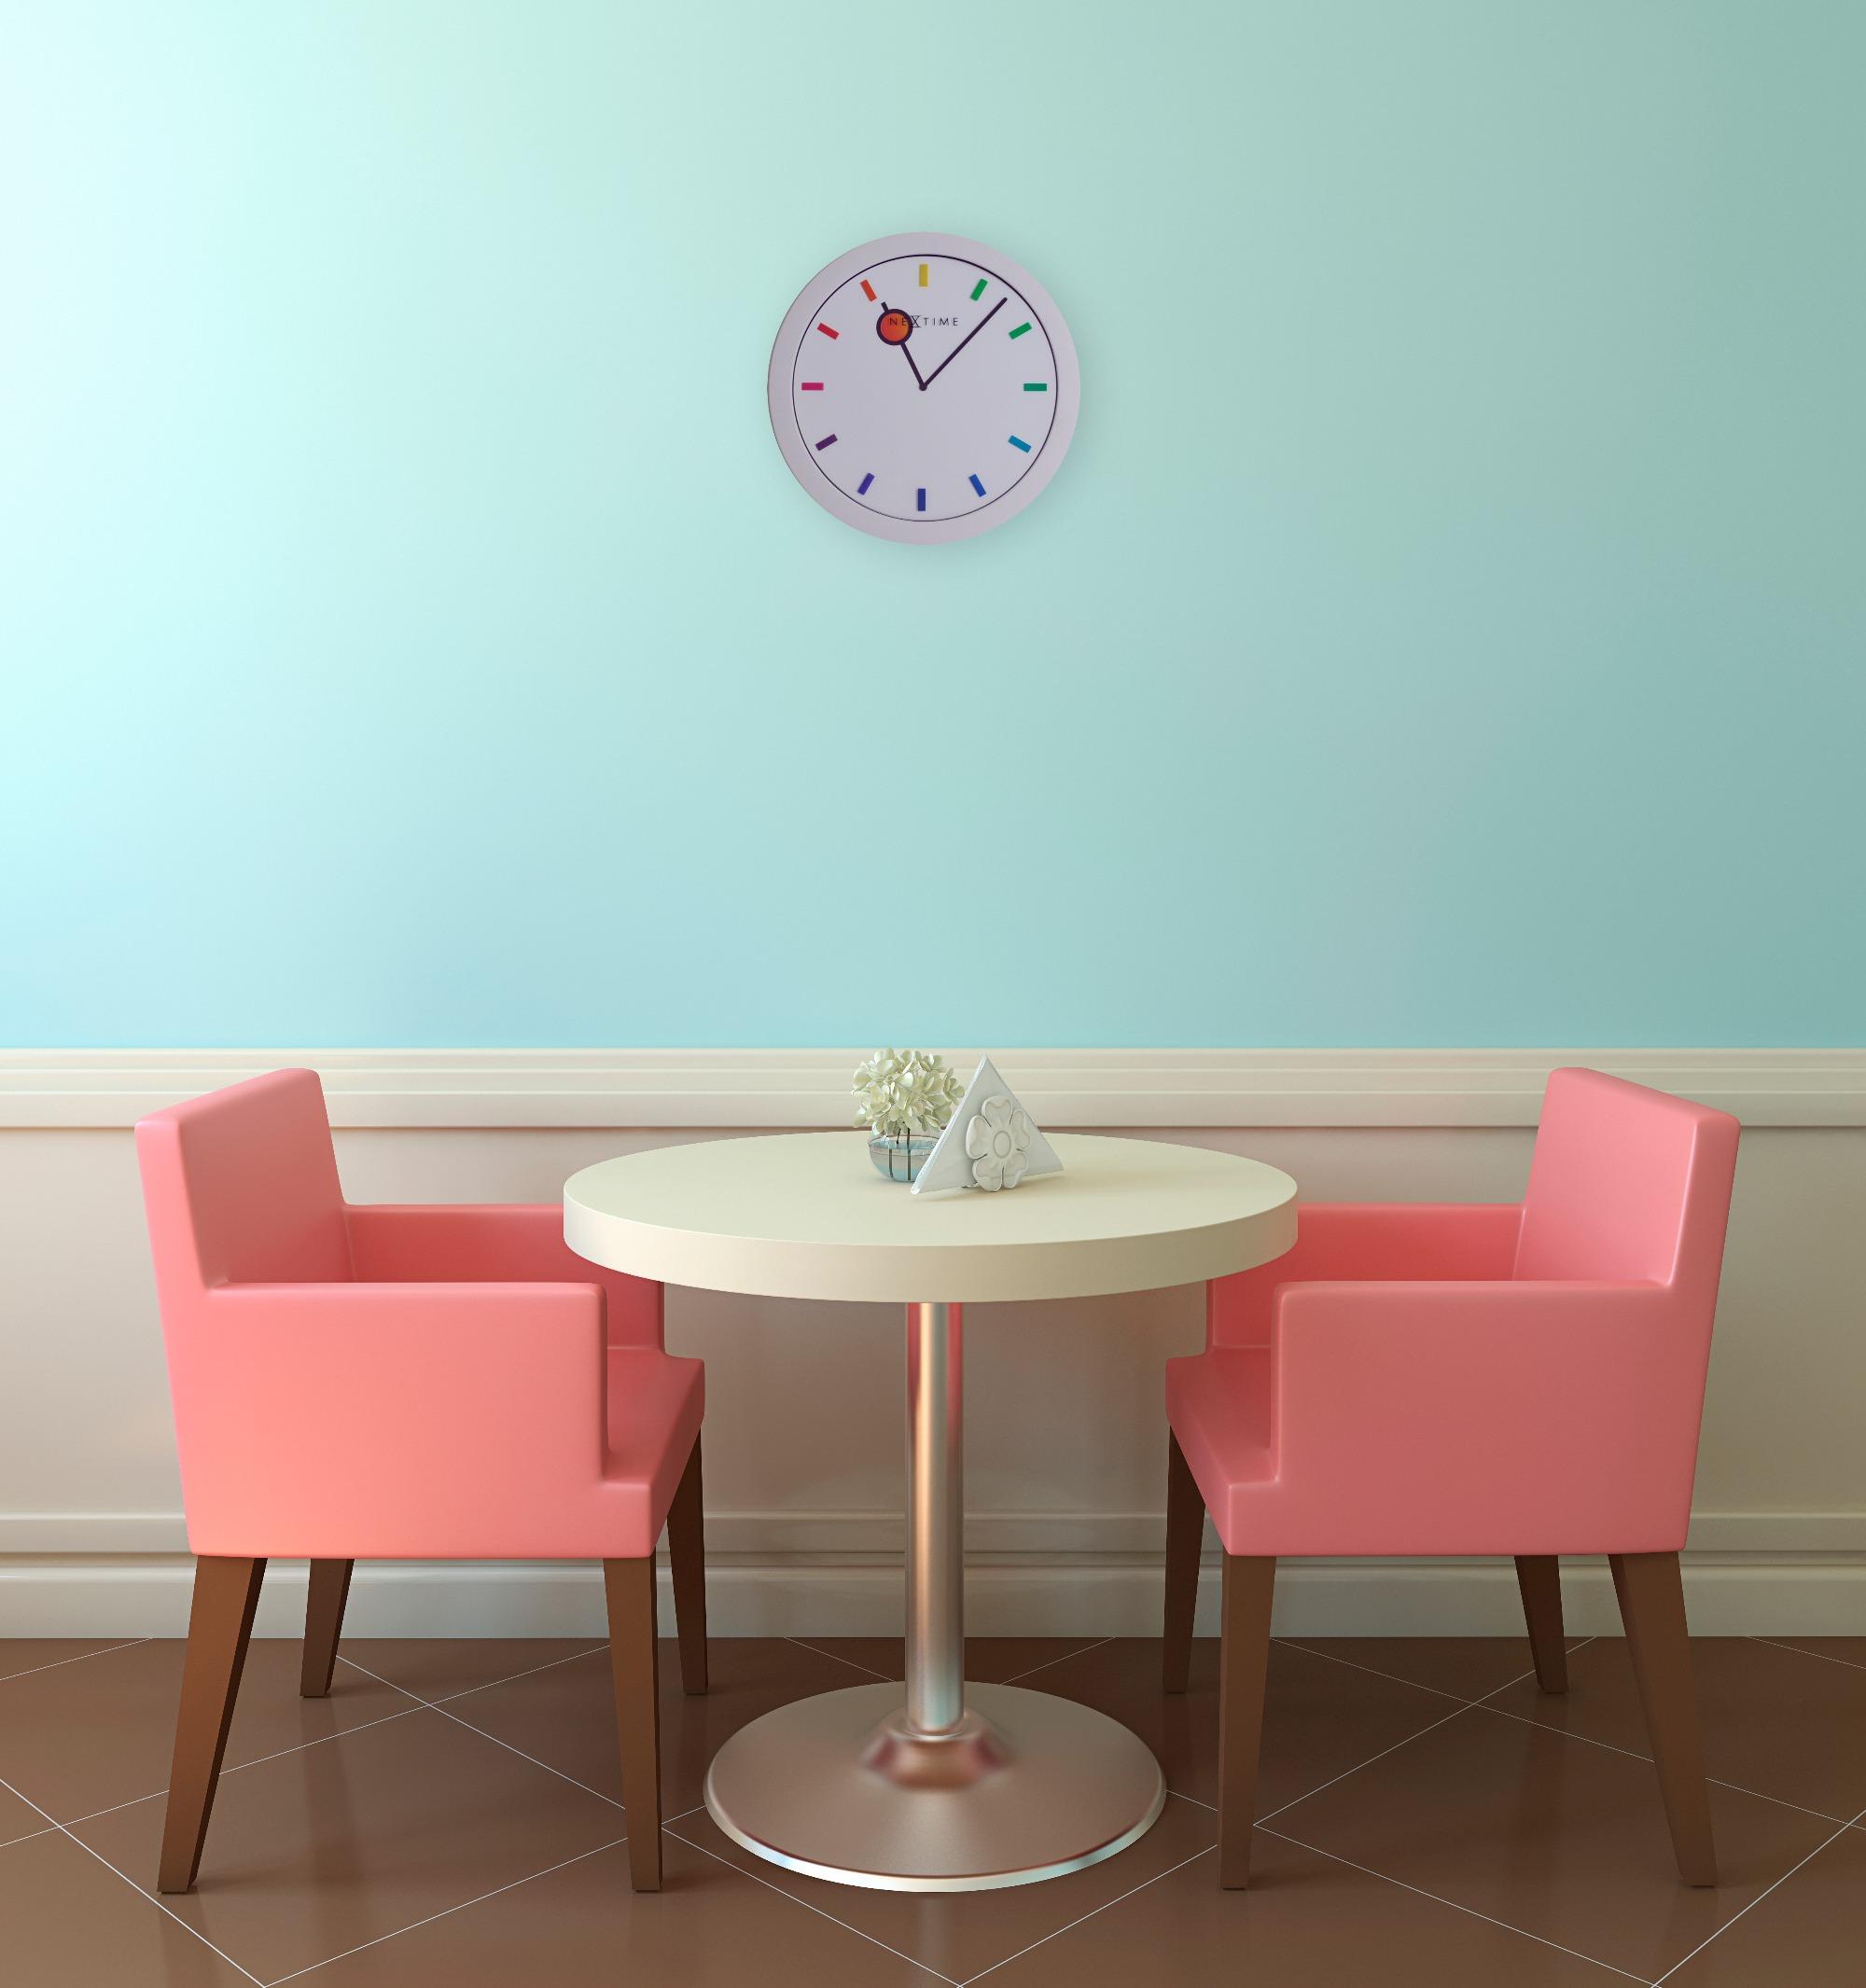 Nextime Colour Change kopen? Kleurige kinderklok voor aan de muur